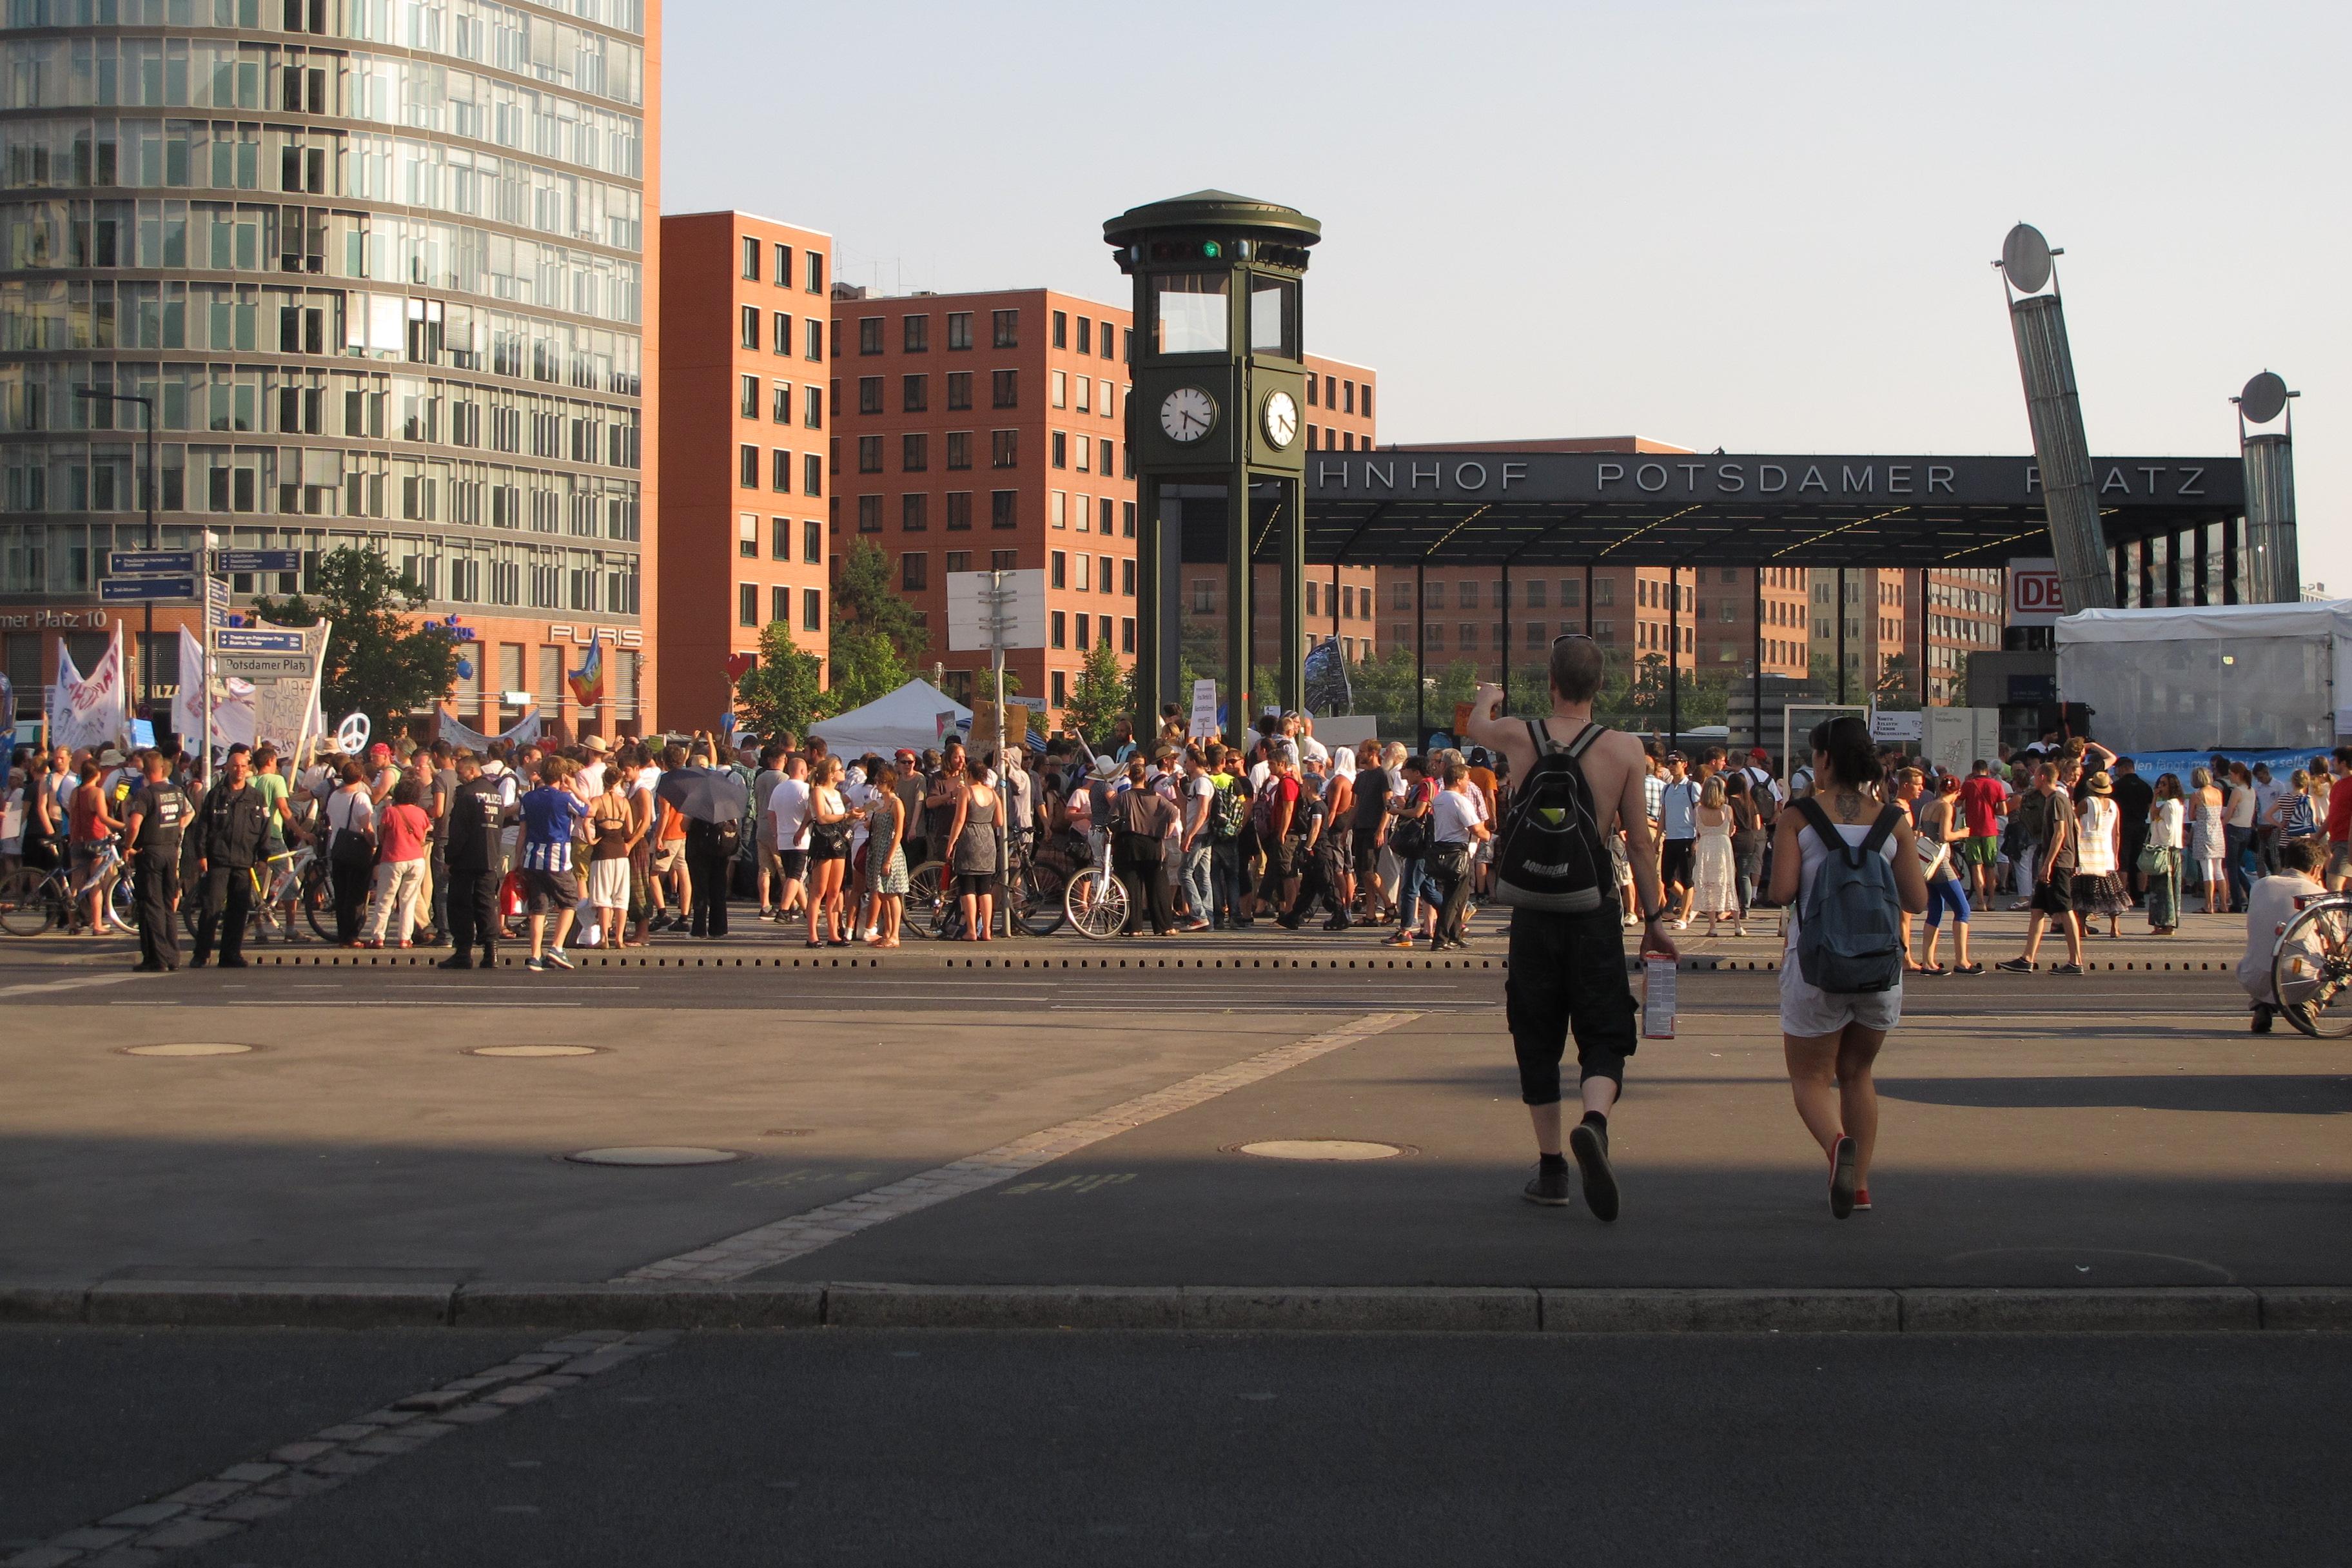 Manifestació contra els bombardejos de Gaza a la Postdamer Platz (4)